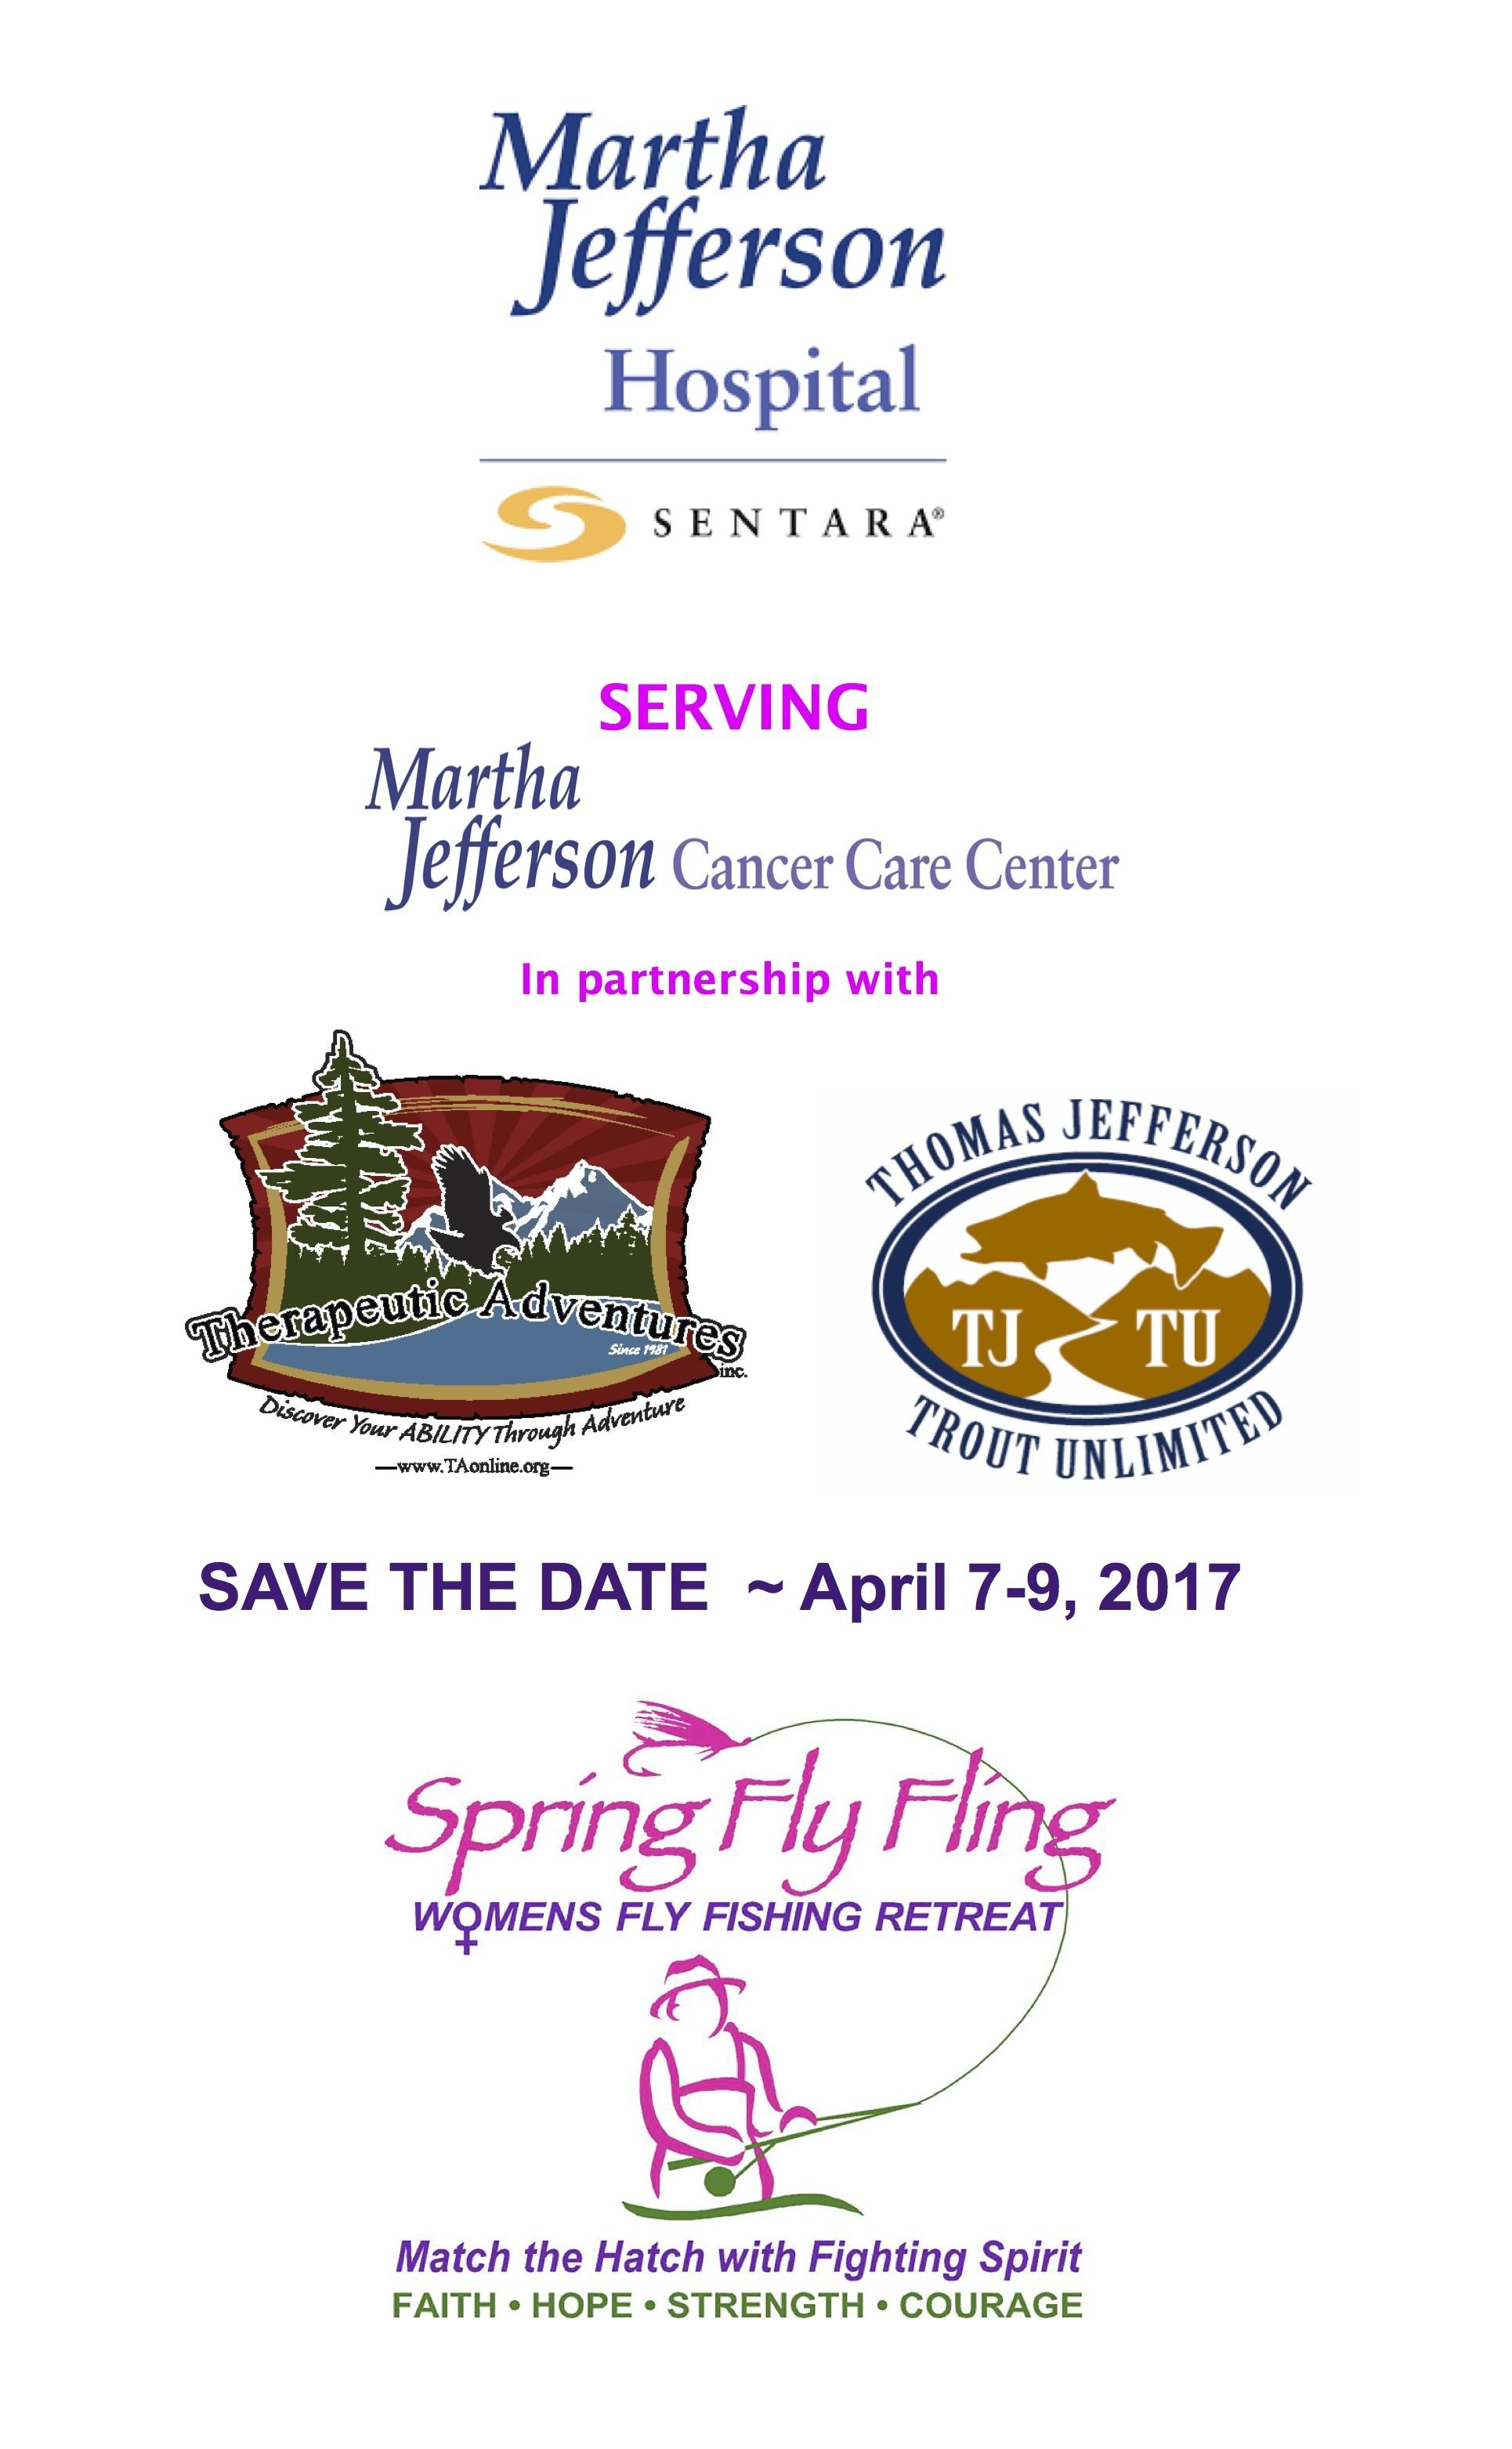 2017 Spring Fly Fling